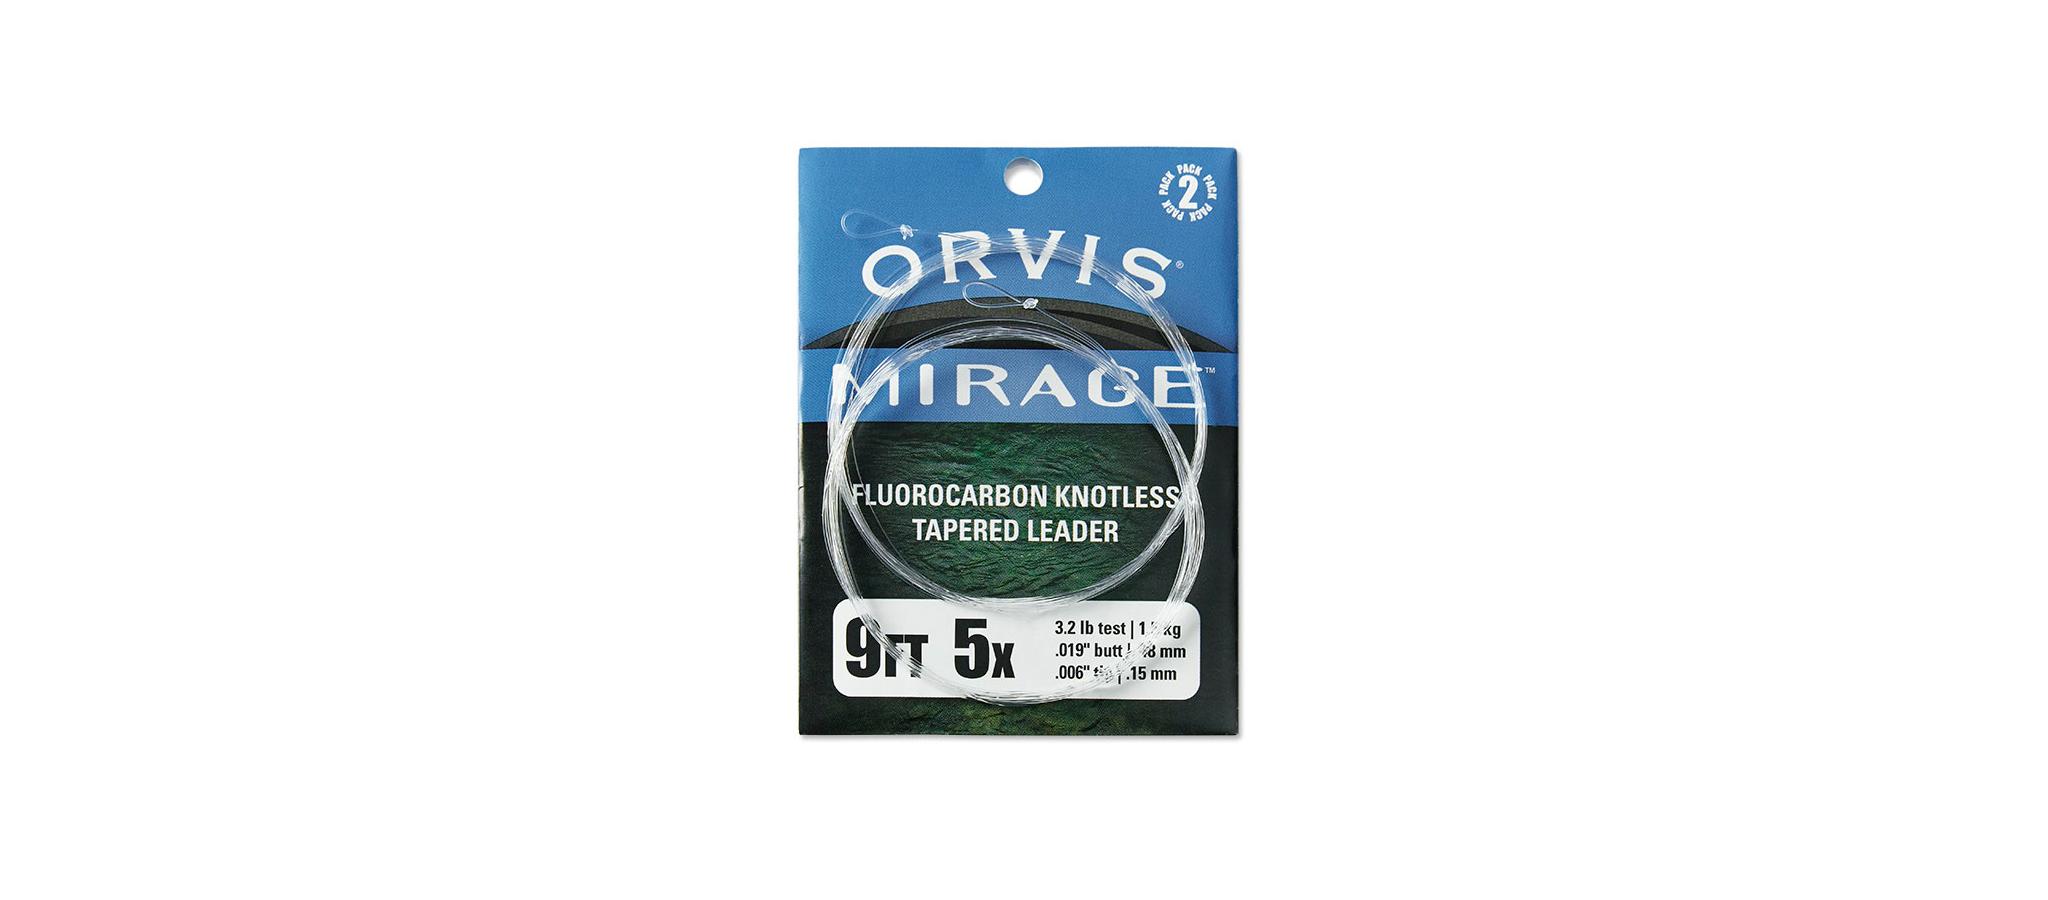 Orvis-Mirage-Fluorocarbon-Vorfach